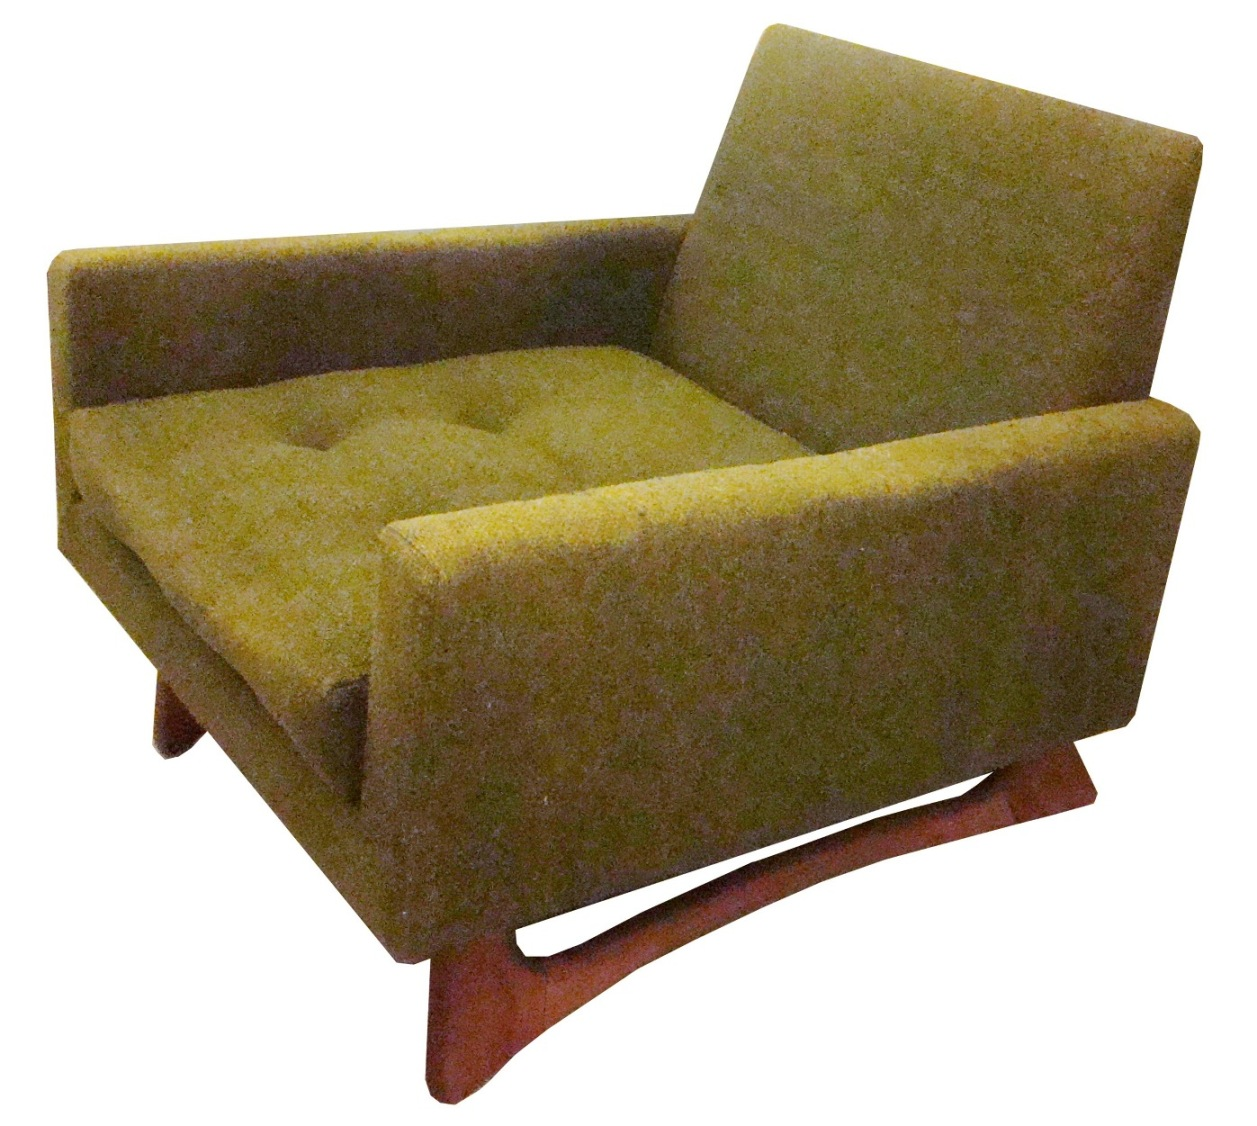 adrian pearsall mid century modern club chair  modernism - adrian pearsall mid century modern club chair